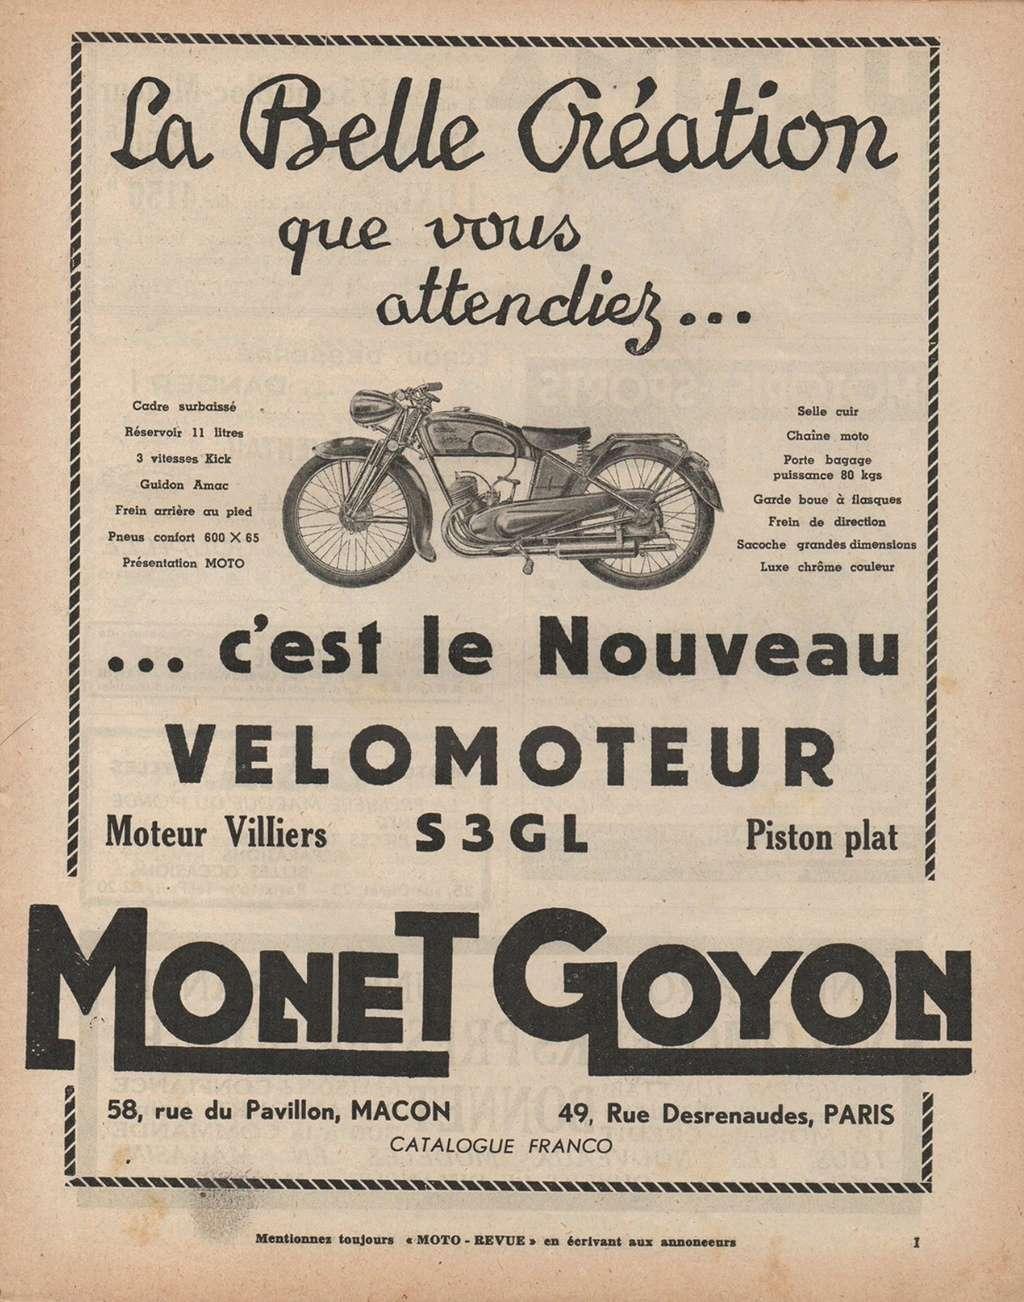 [DOC] Monet Goyon S3 - Essai Moto Revue 1936 et pubs d'époque Monet_14